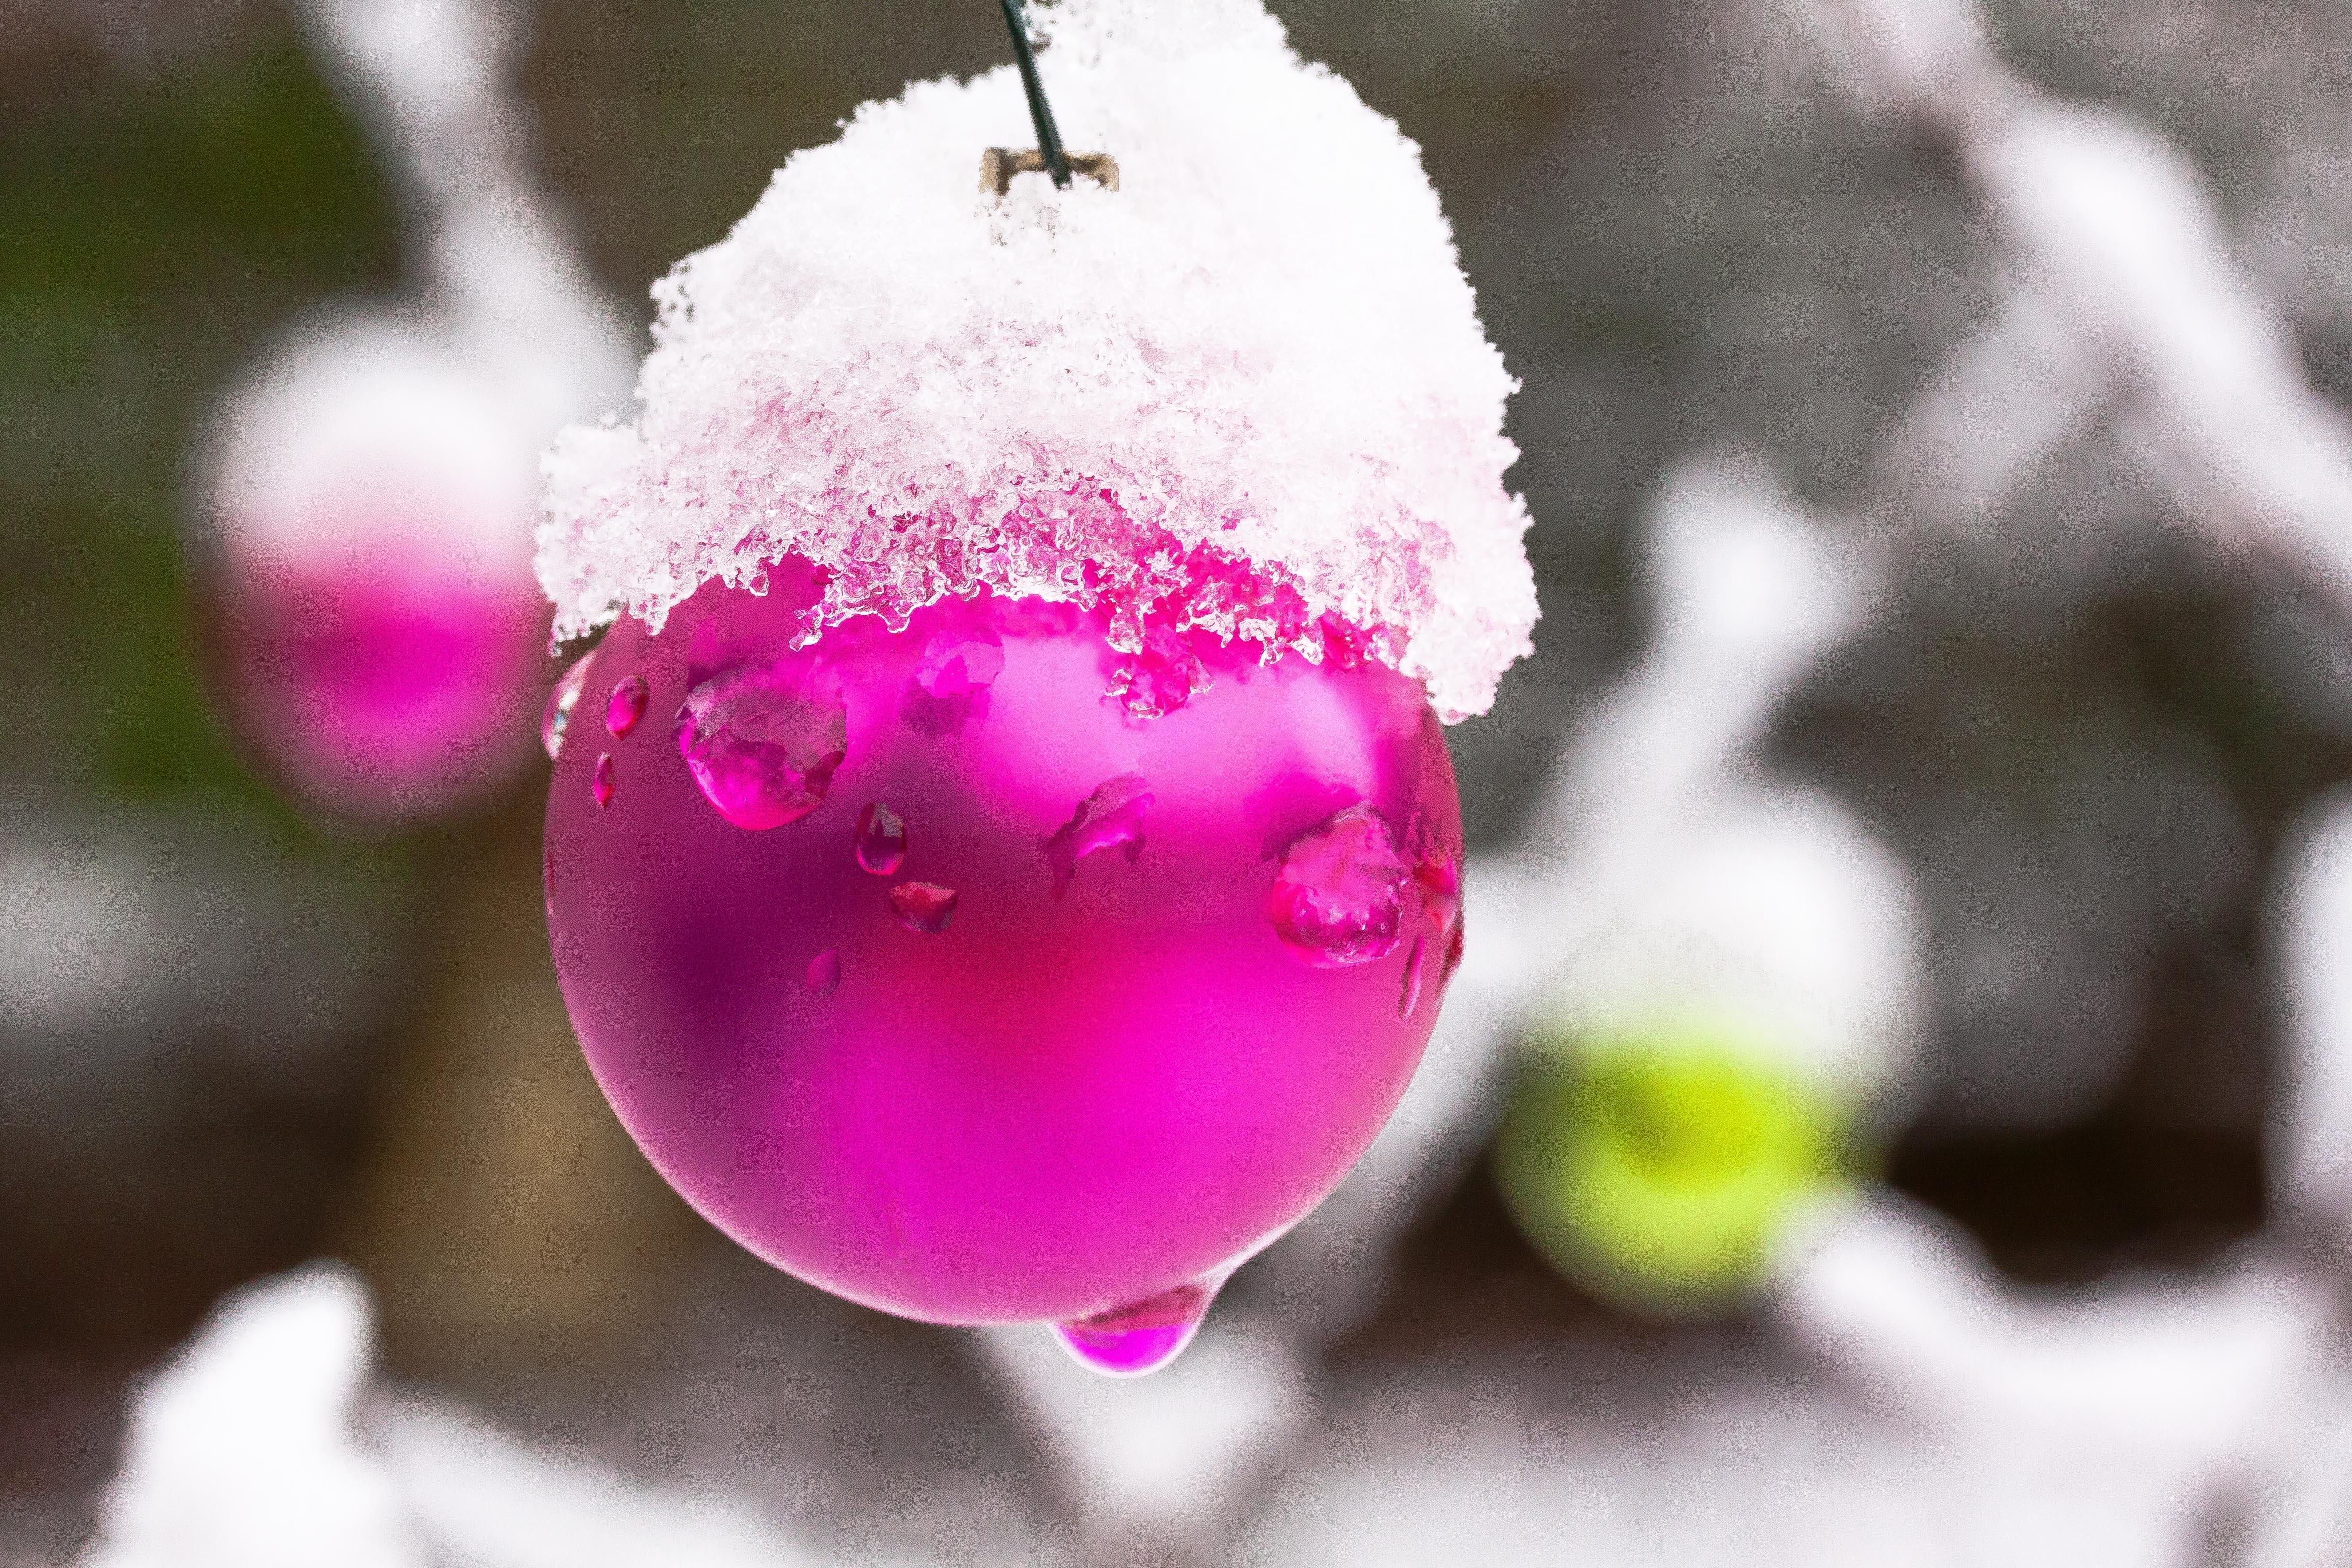 Christbaumkugeln Rose.Images Gratuites Branche Fleur Neige Du Froid Hiver